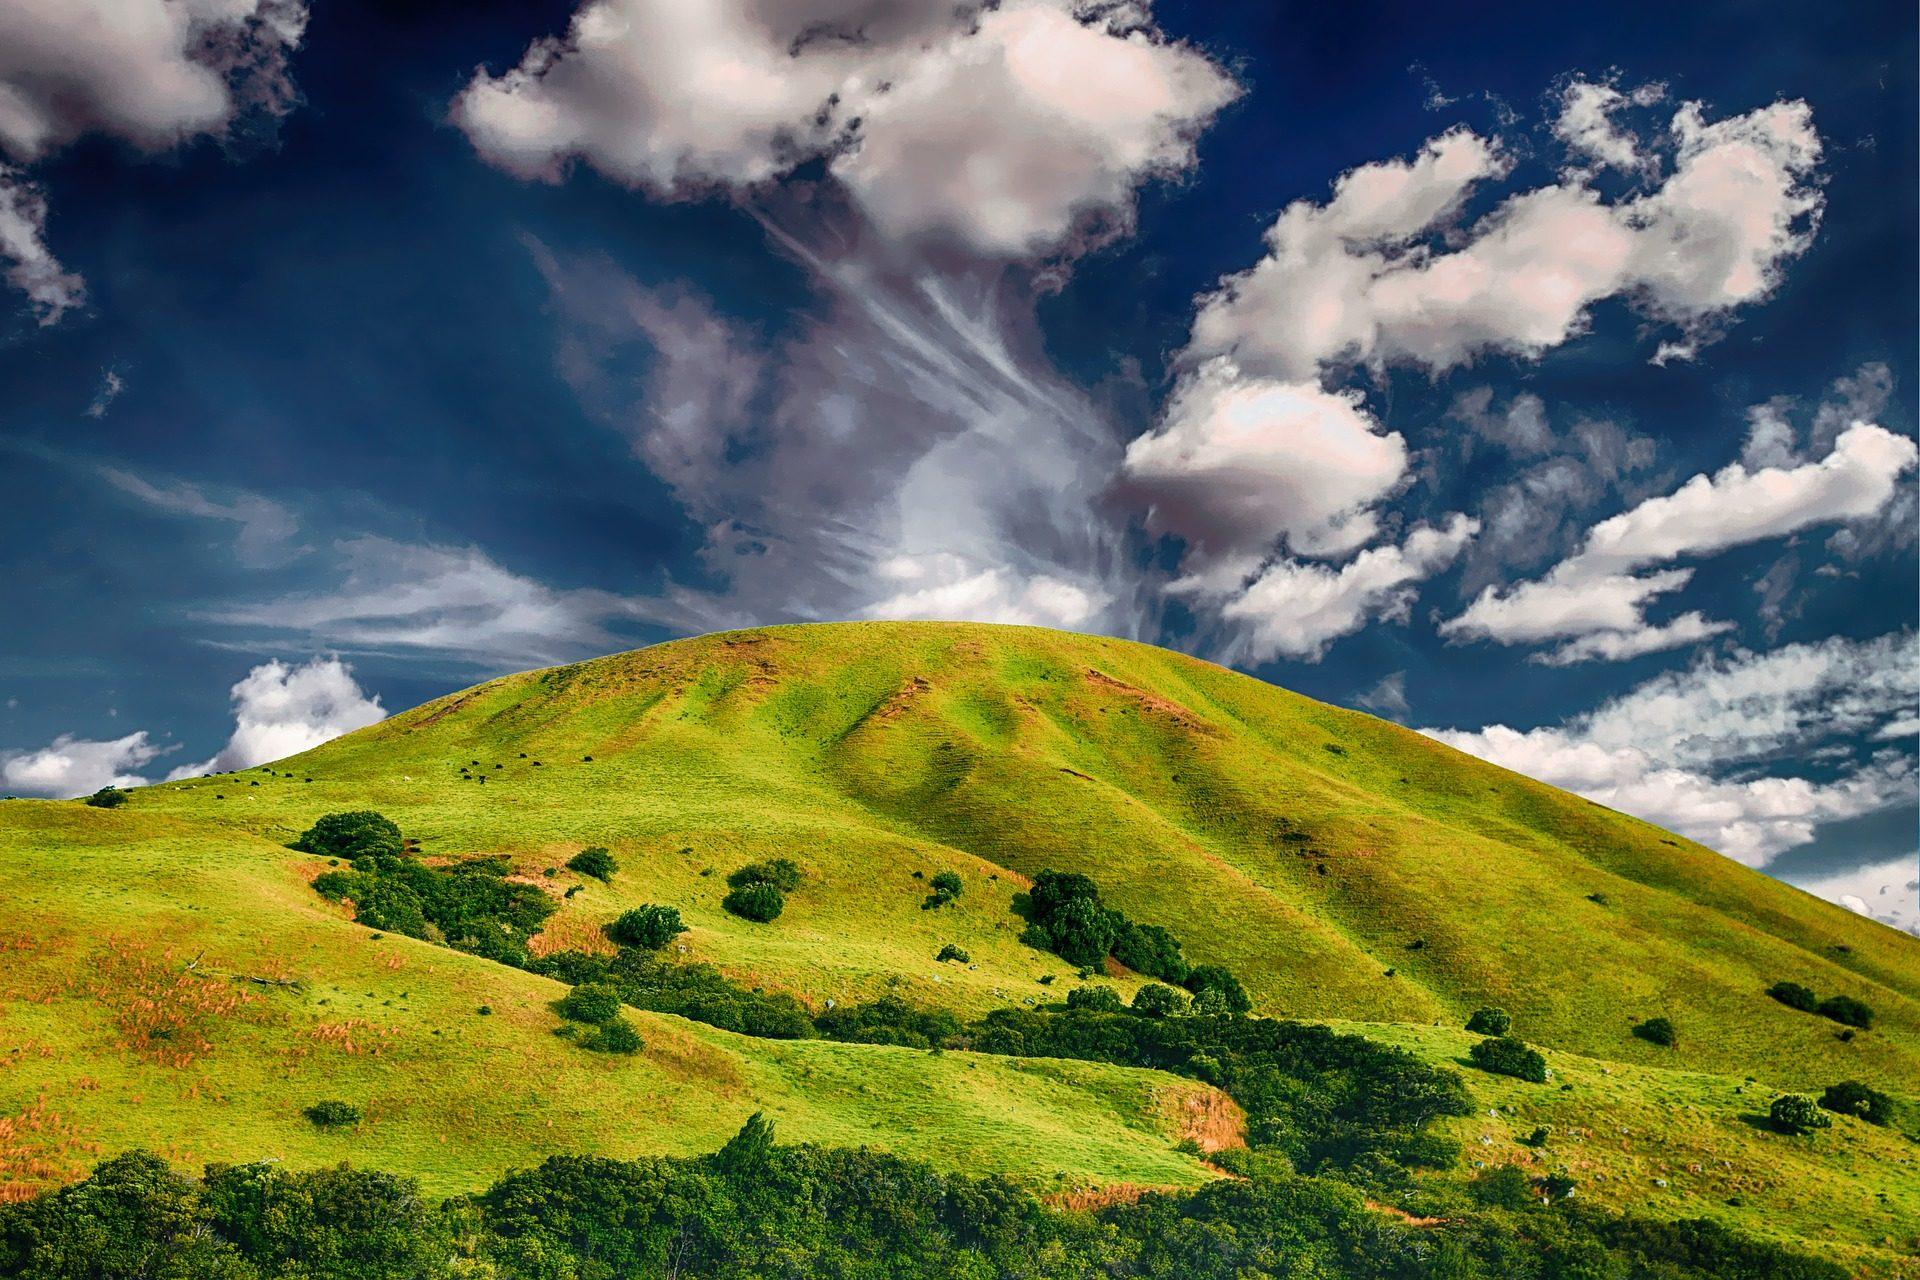 Гора, Колина, Прадера, Небо, облака - Обои HD - Профессор falken.com